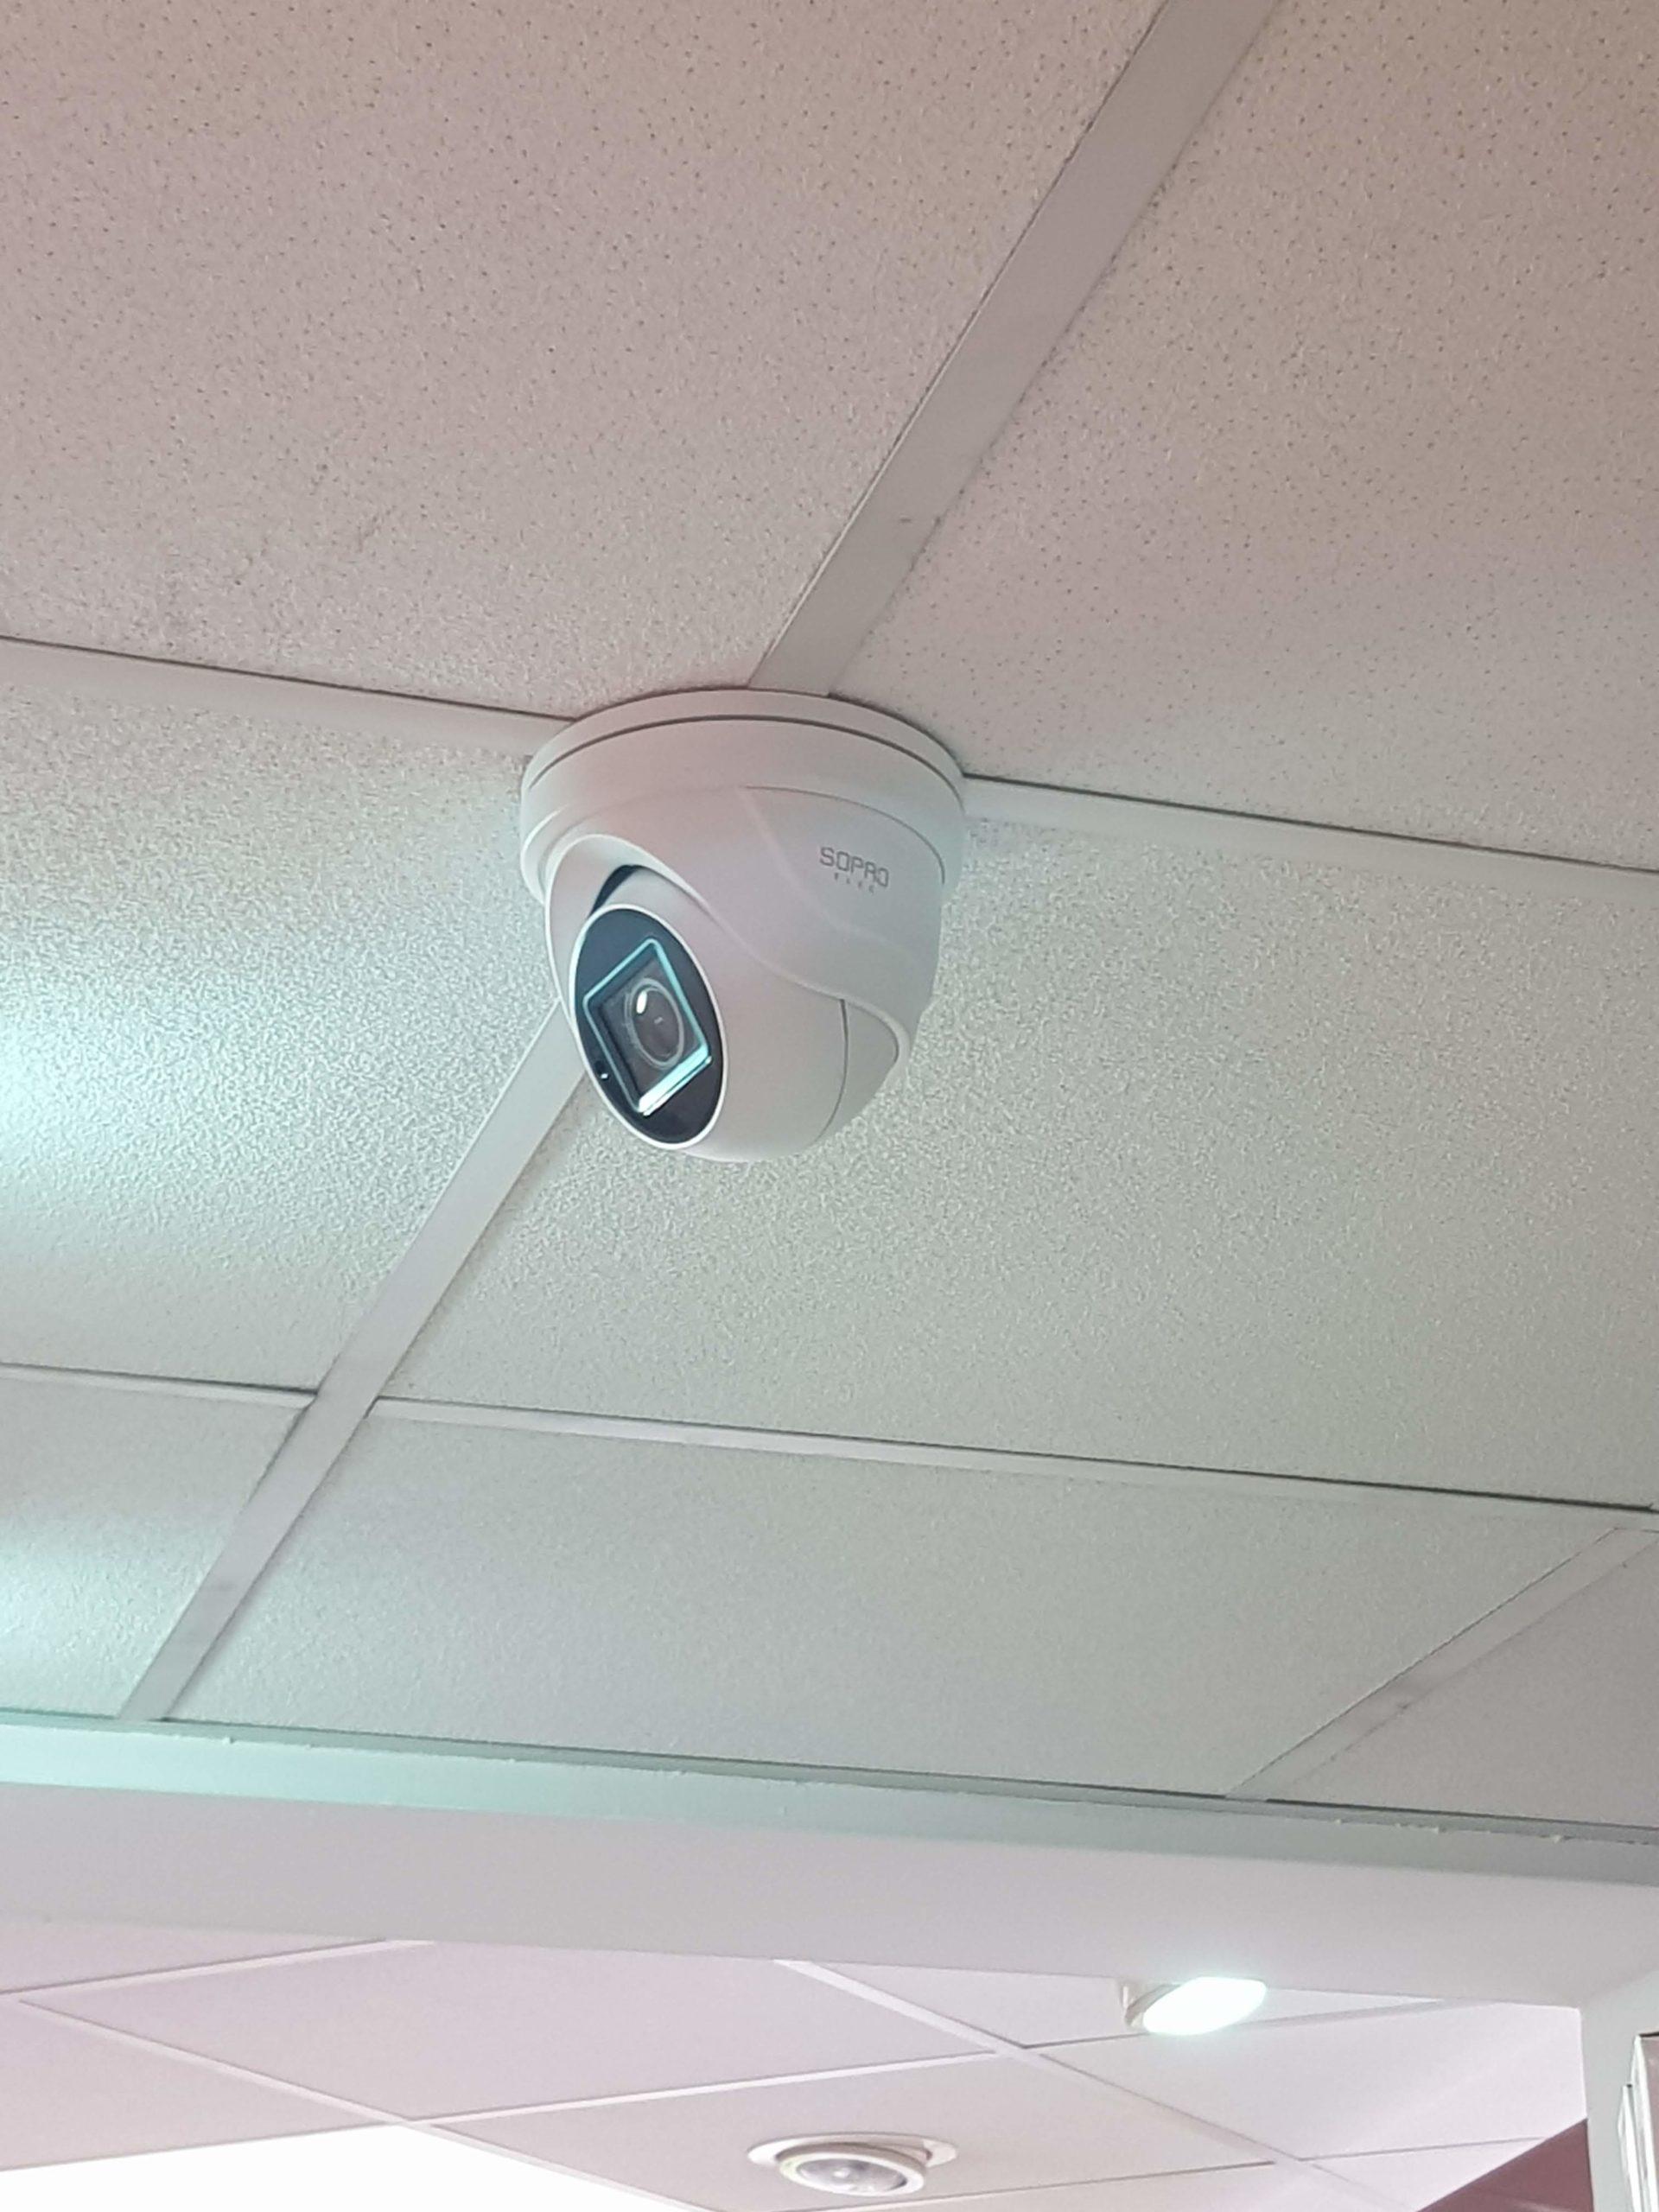 Pose de caméra de vidéorveillance intérieur dans une pharmacie à Aix en Provence